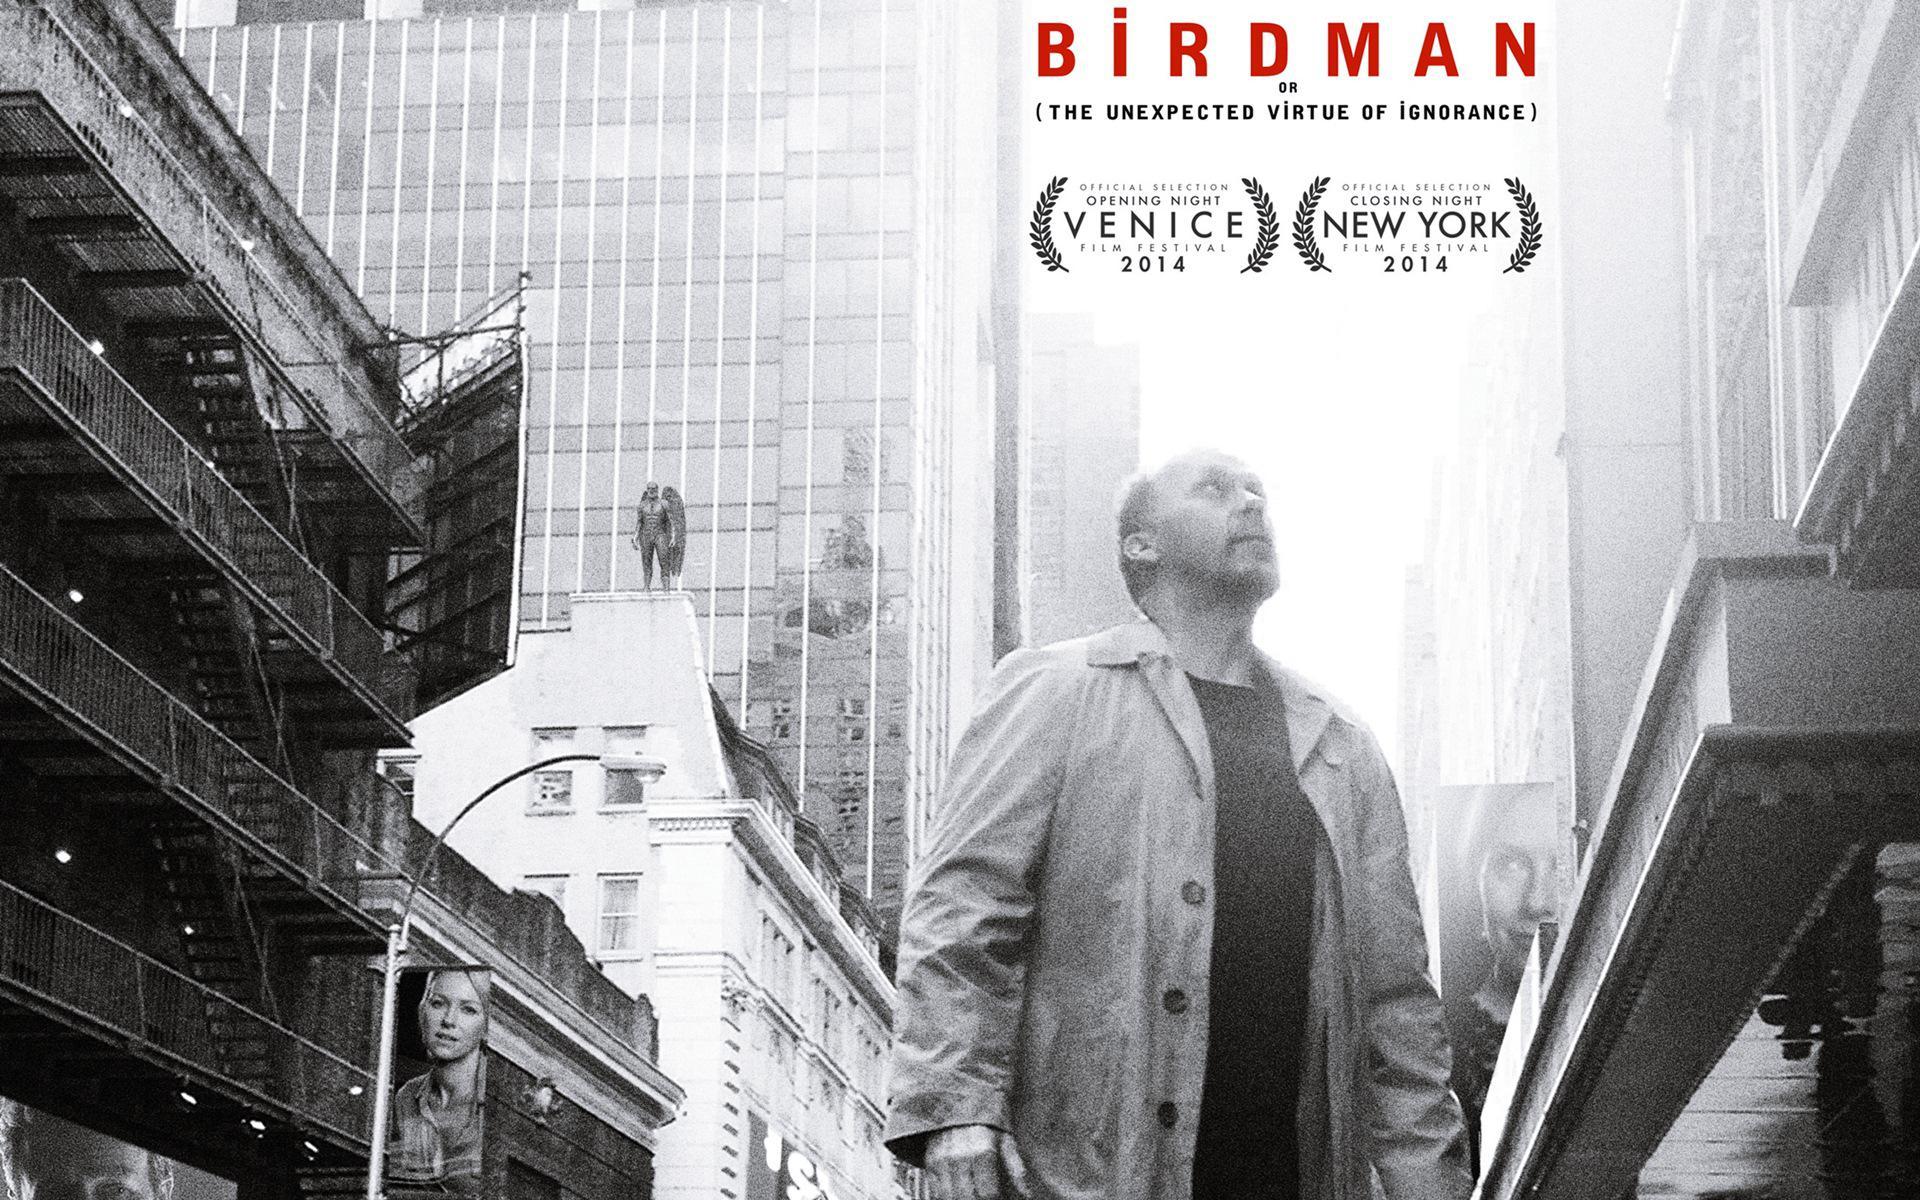 Birdman – avagy színház a mozivásznon